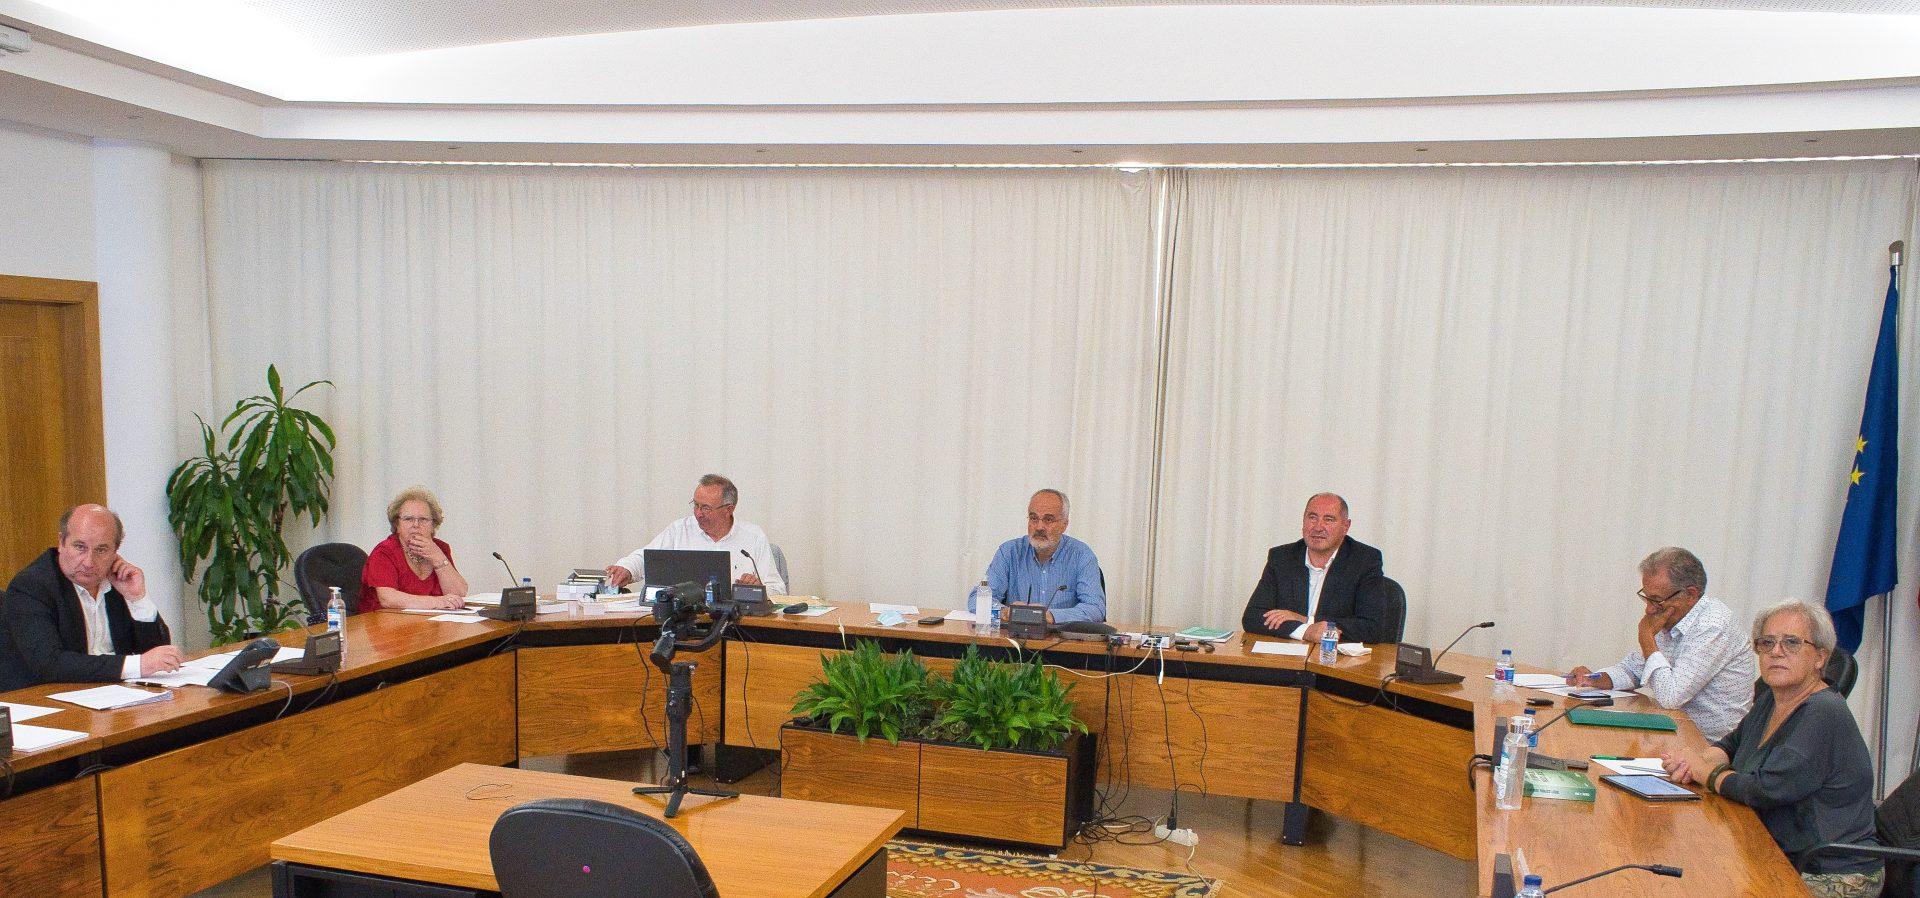 Reunião Direção em Mafra